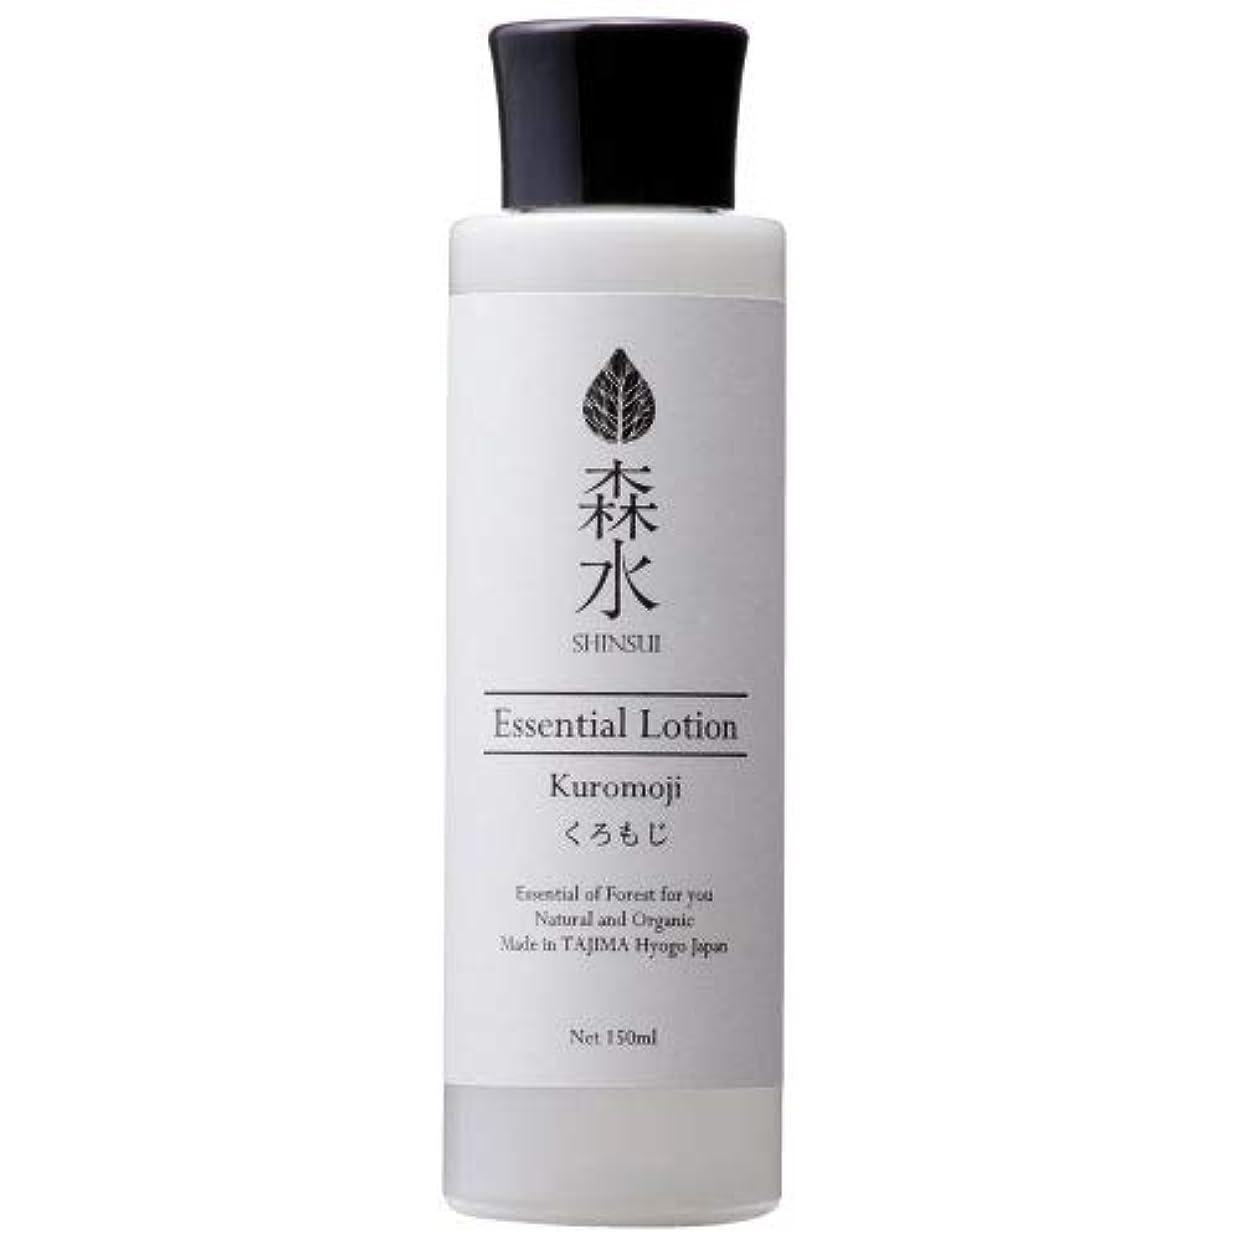 グラフほめるエレメンタル森水-SHINSUI シンスイ-くろもじ化粧水(Kuromoji Essential Lotion)150ml